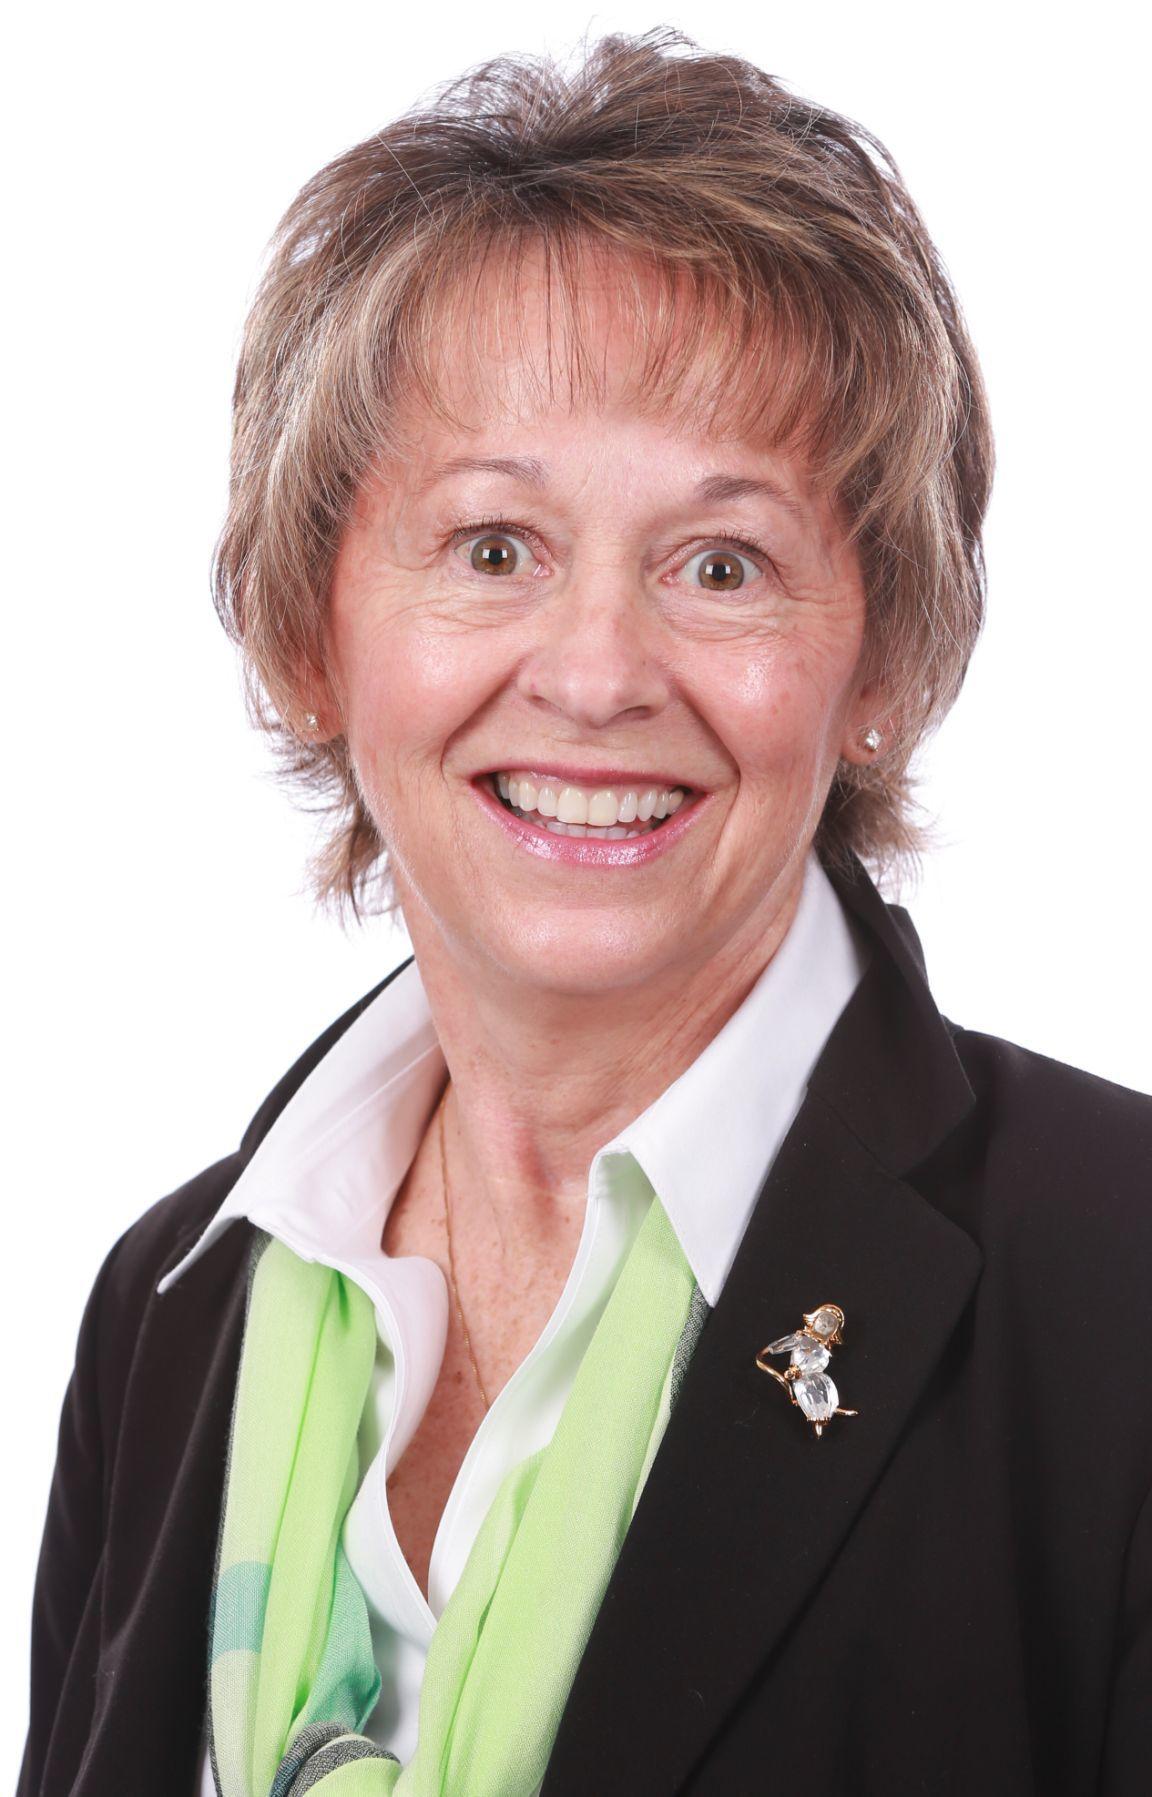 Joyce Coil